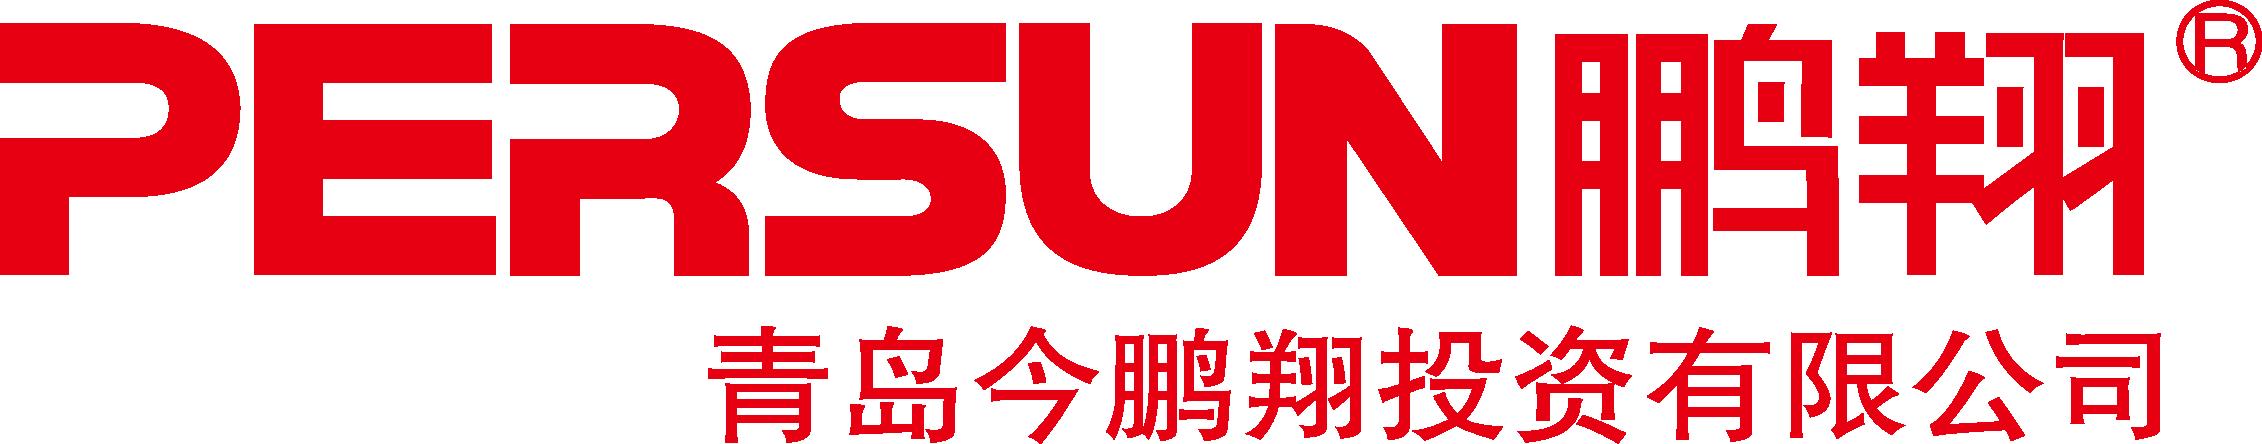 青岛鹏翔新地房地产营销策划有限公司